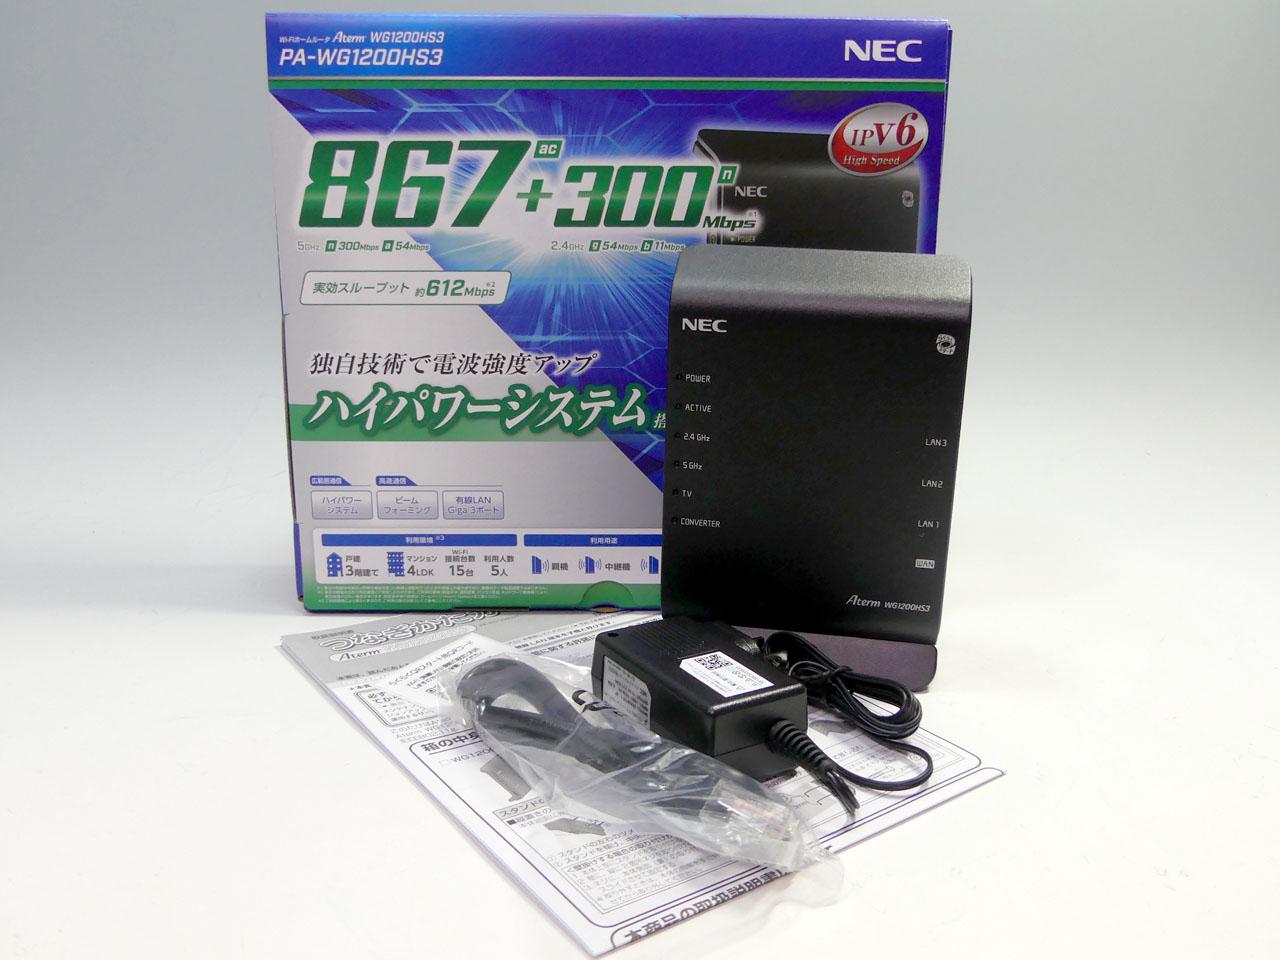 NECプラットフォームズの「Aterm WG1200HS3」。低価格な2ストリーム(867Mbps)対応ながらIPoE IPv6・IPv4 over IPv6に対応するなど、最新モデルらしい機能強化を実現した製品